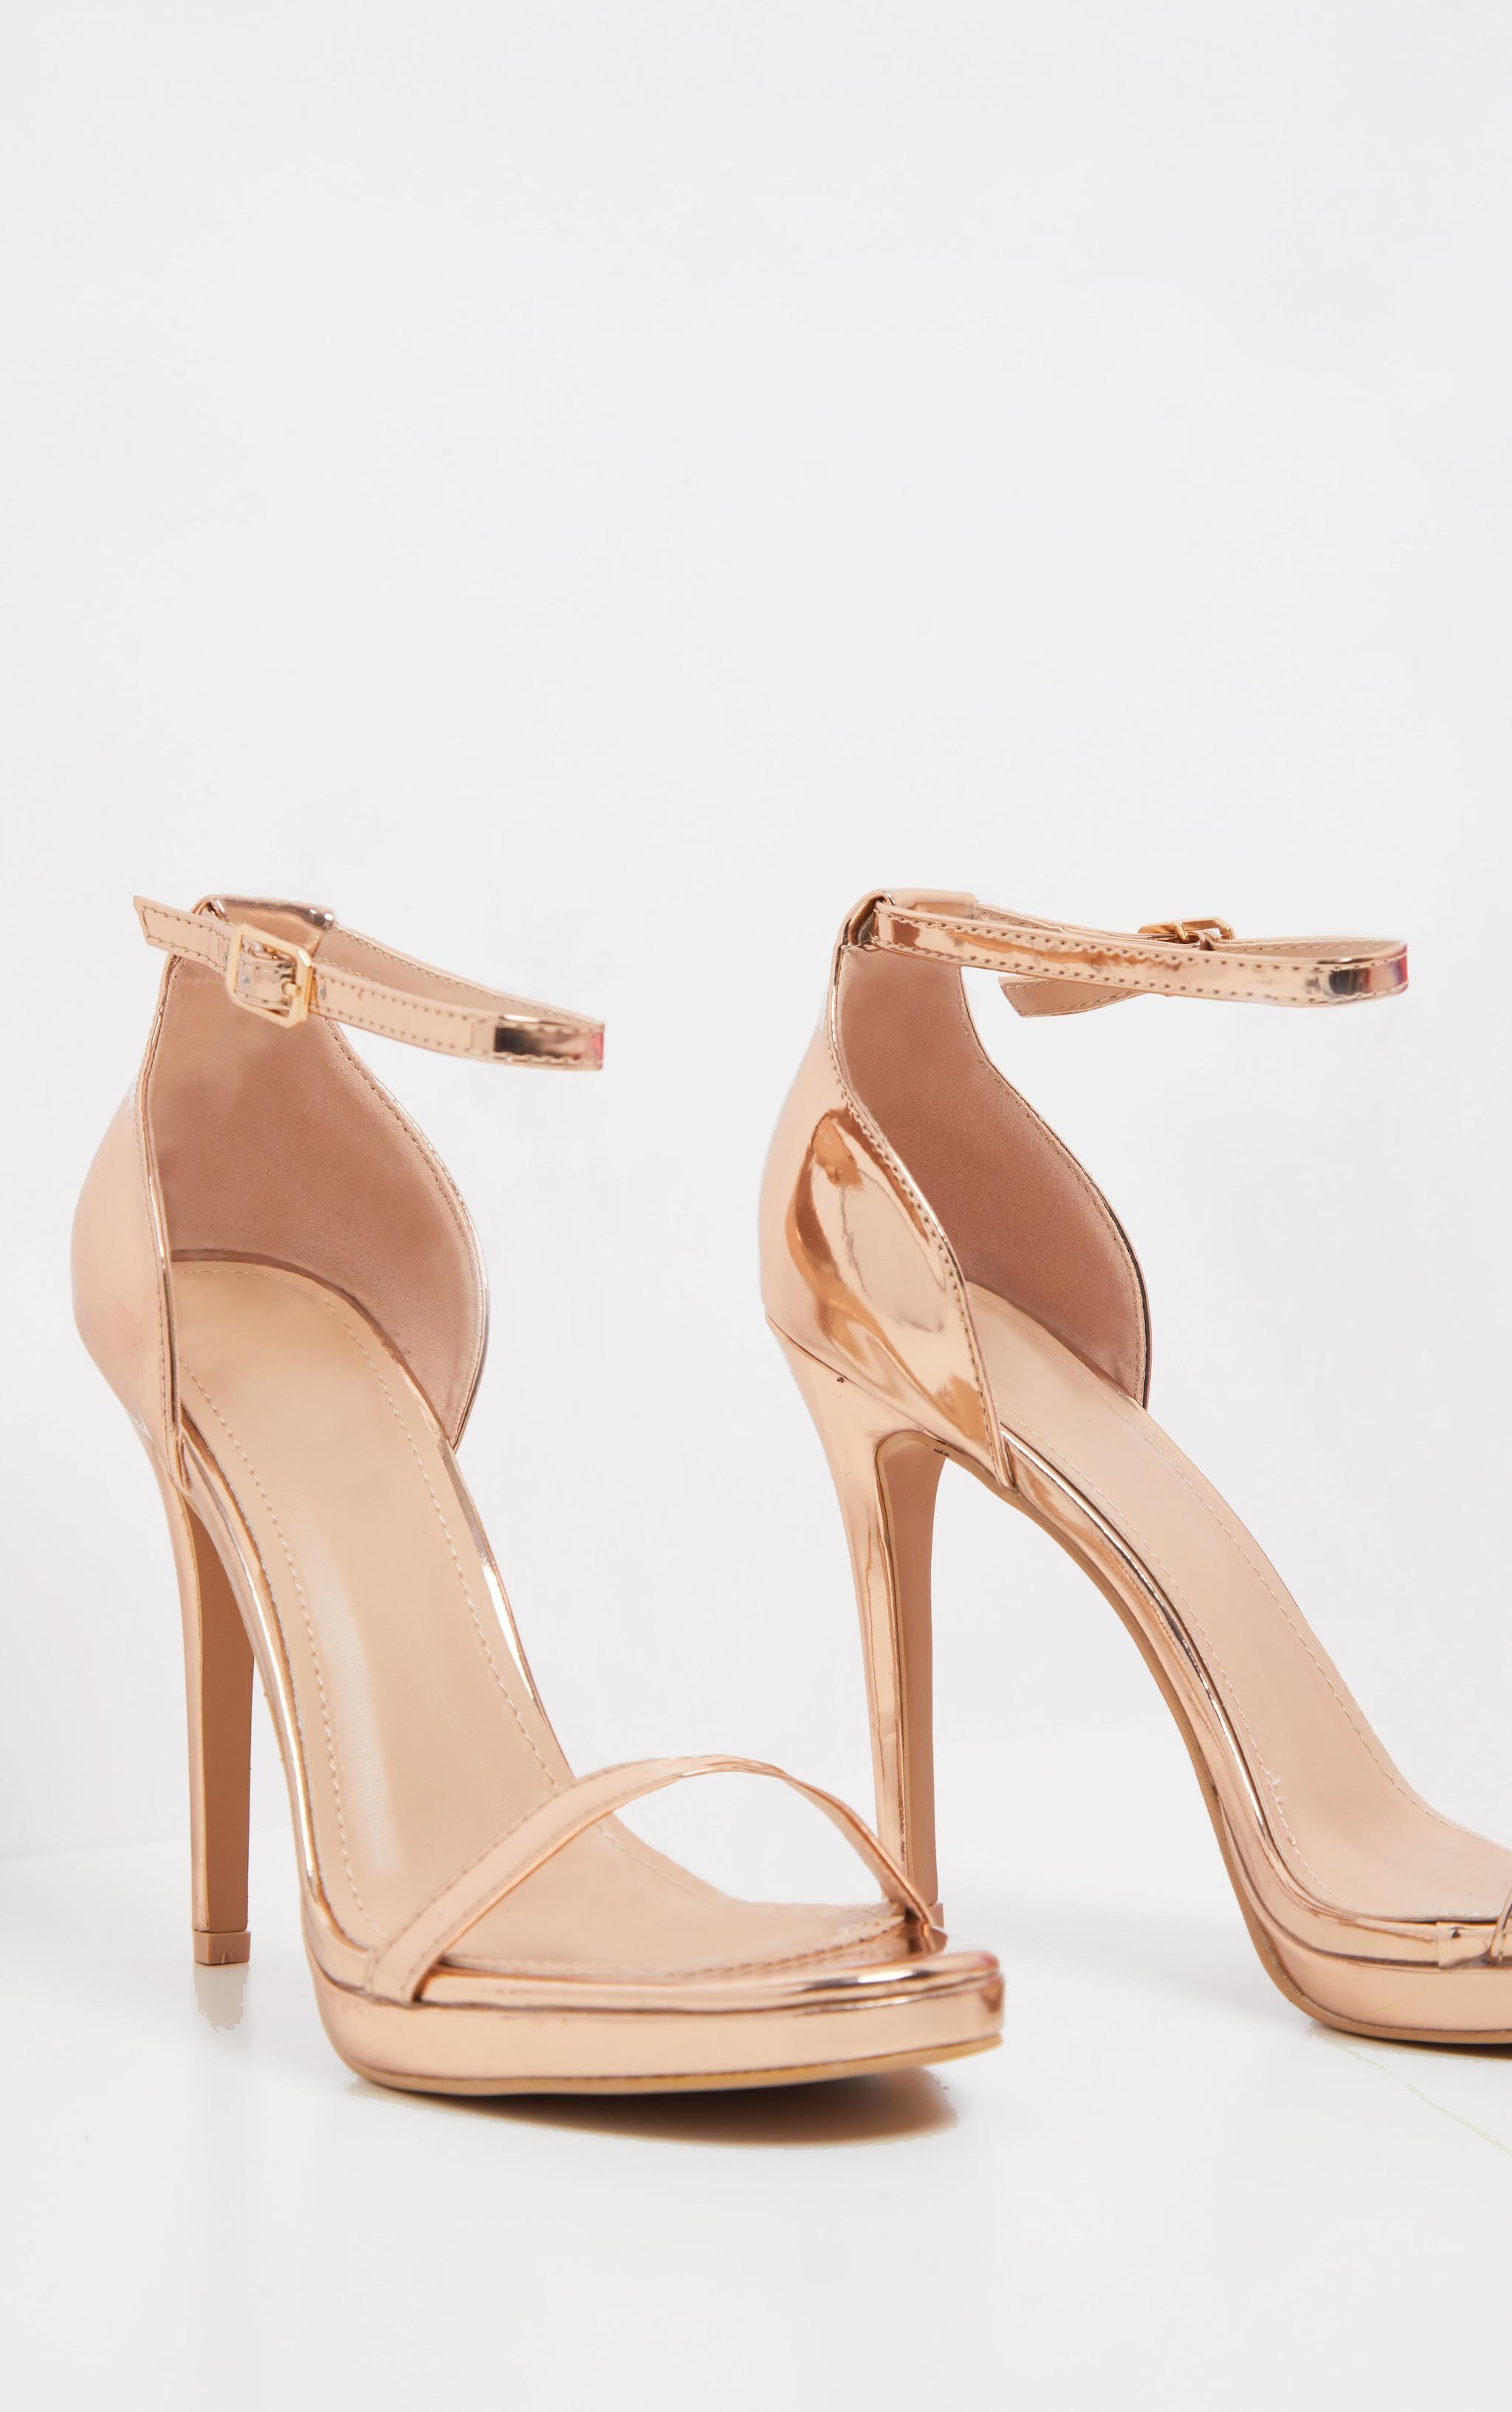 Sandales à talons et bride unique rose gold  4